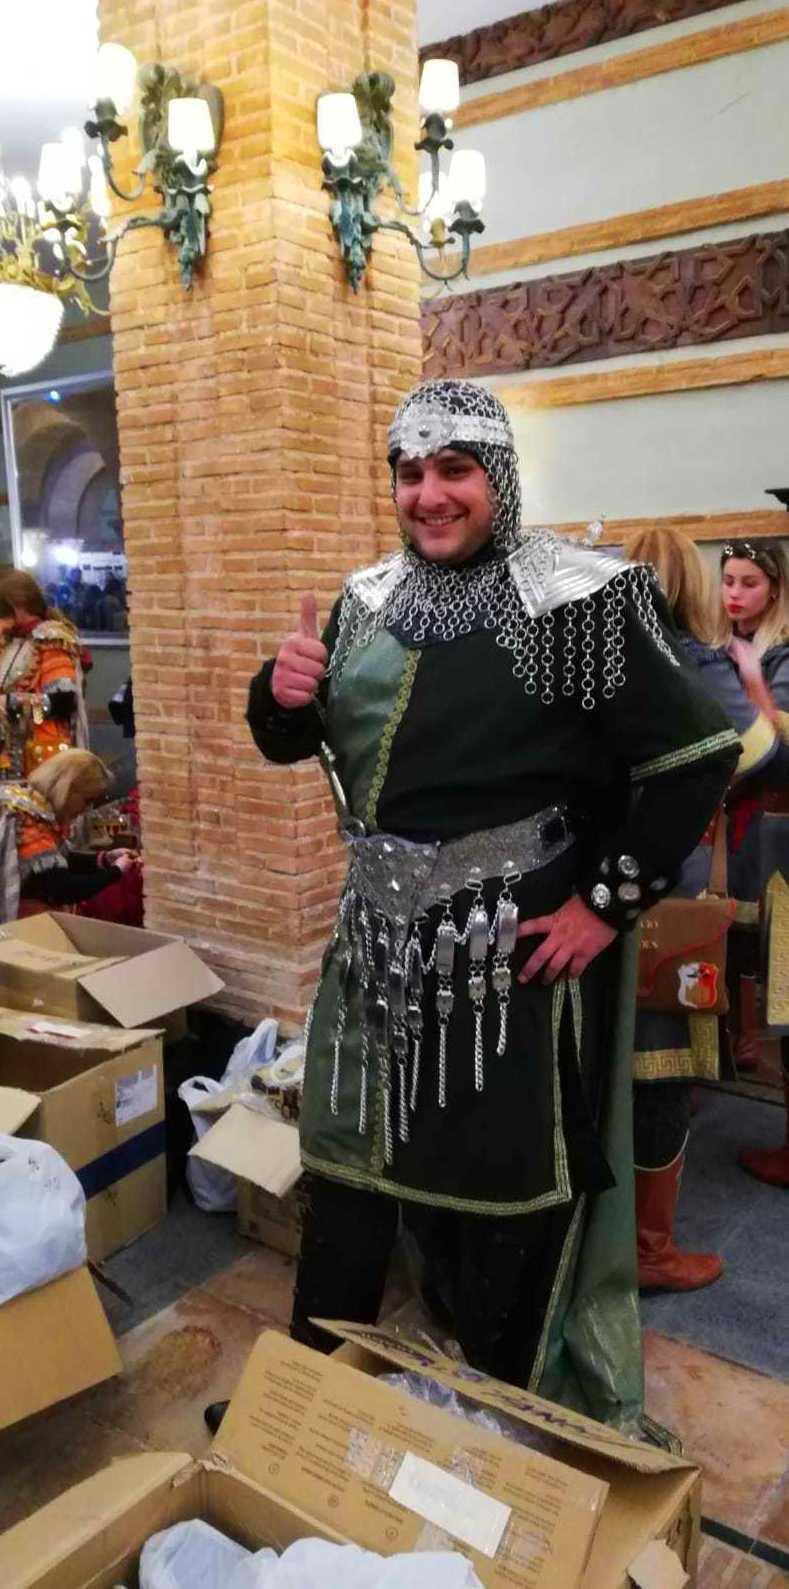 Foto 3 de Trajes de moros y cristianos en  | El Mon Fester